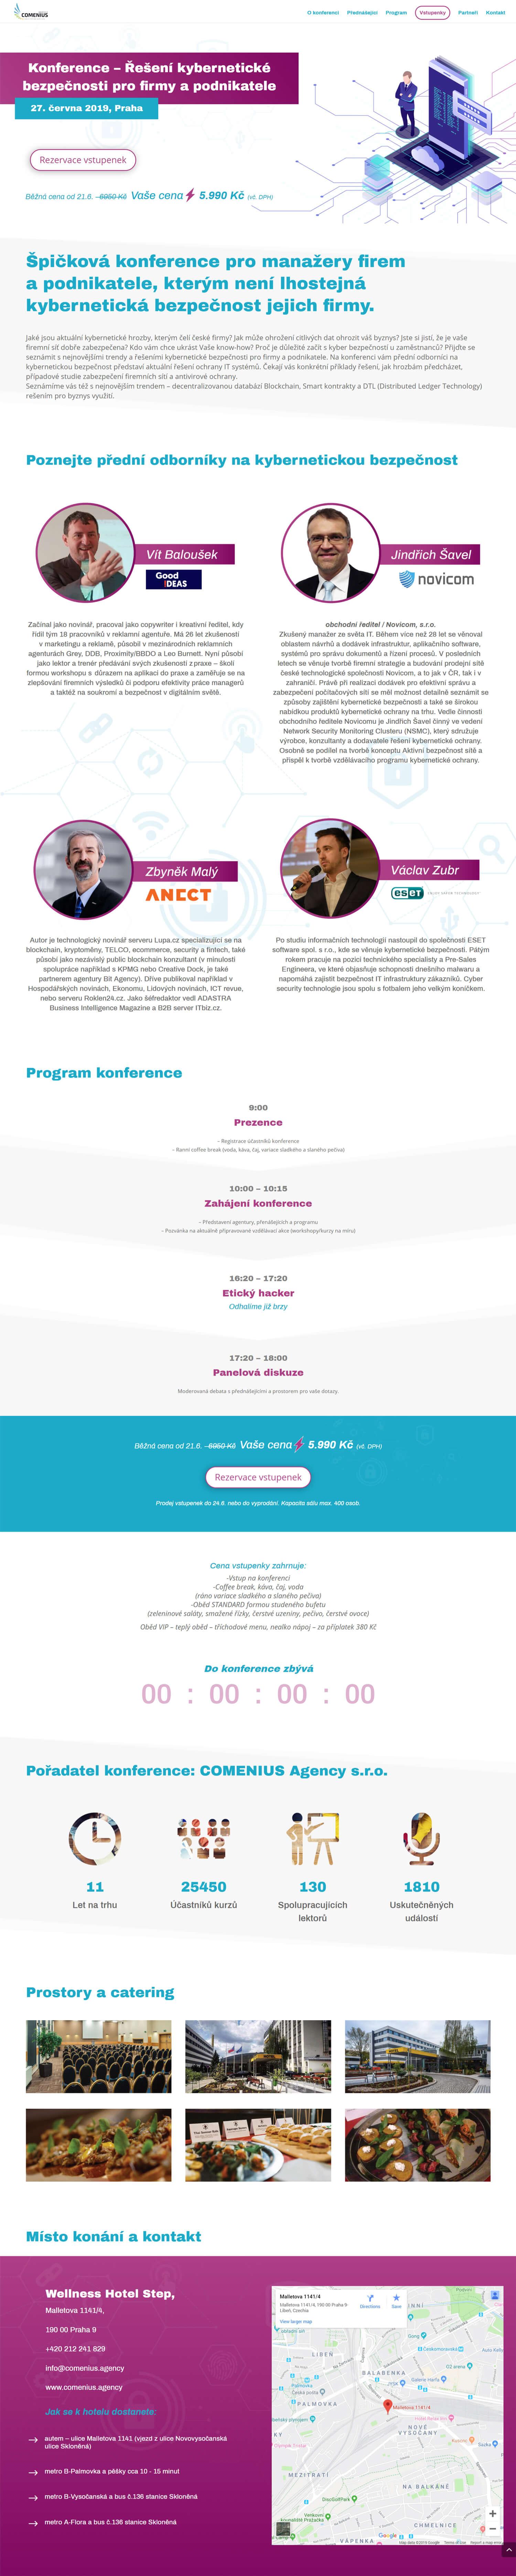 Tvorba a dizajn webu pre kybernetickú konferenciu